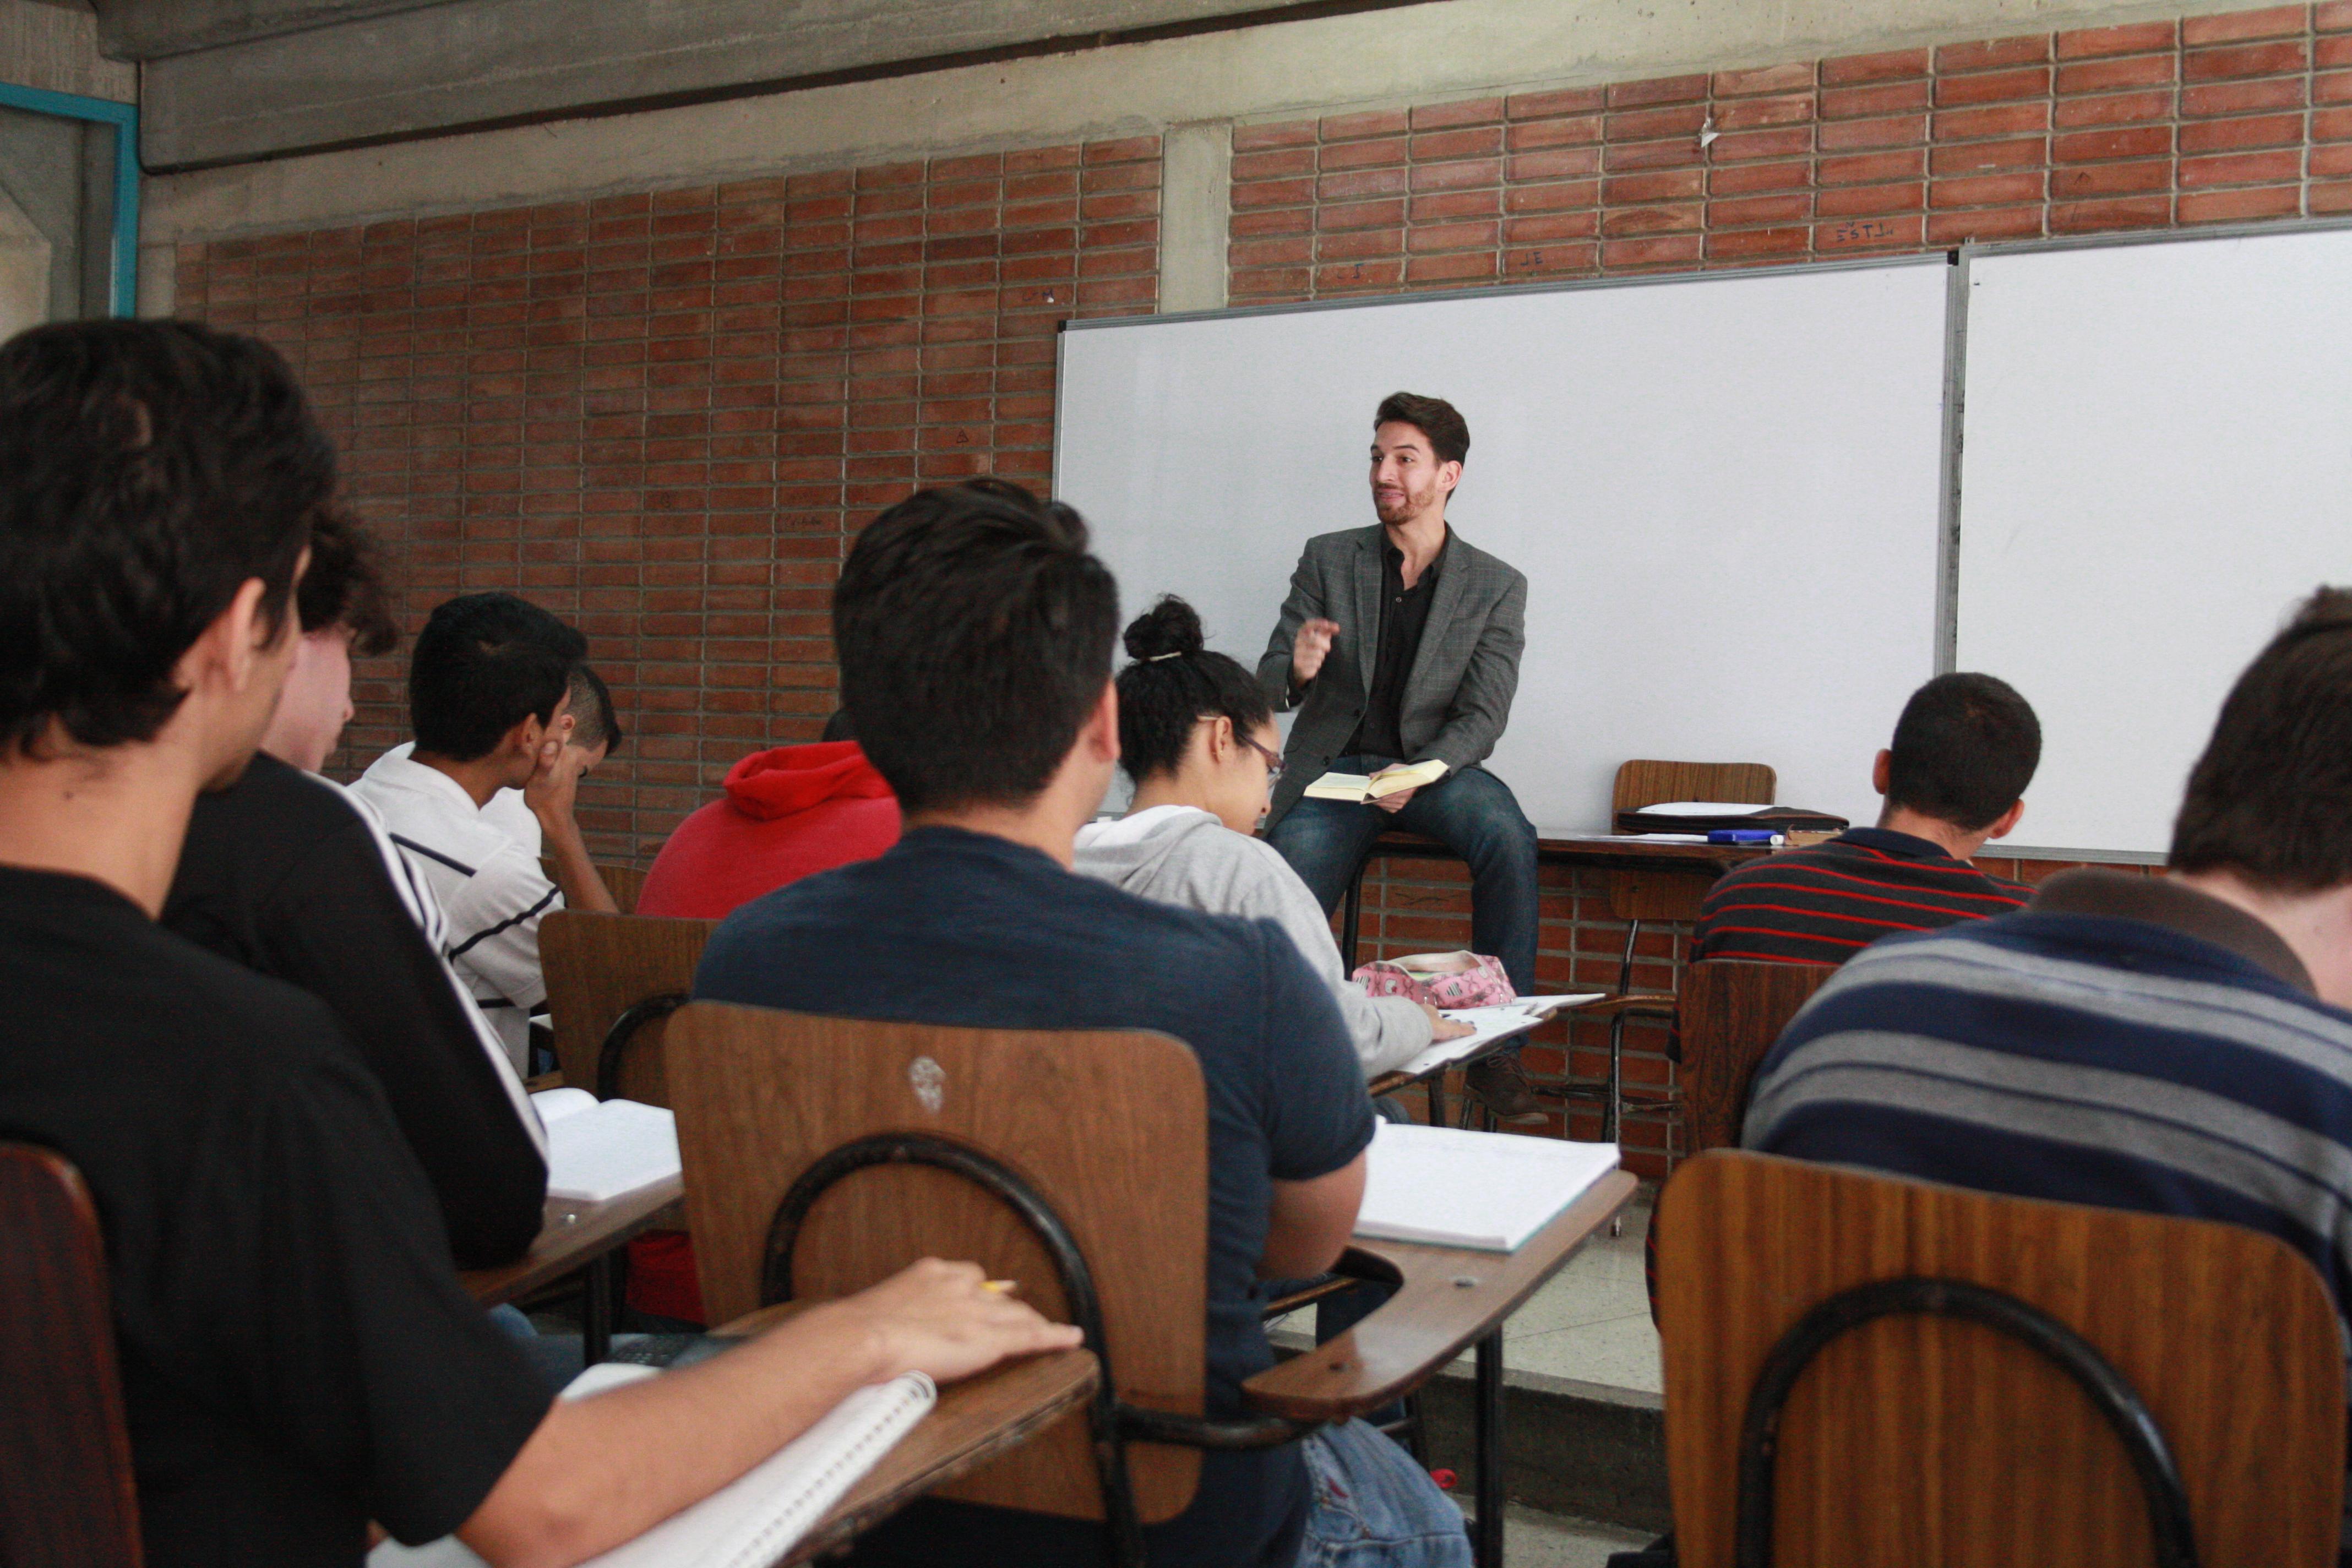 Escuela de Educación ofrece becas a profesionales que quieran formarse como docentes